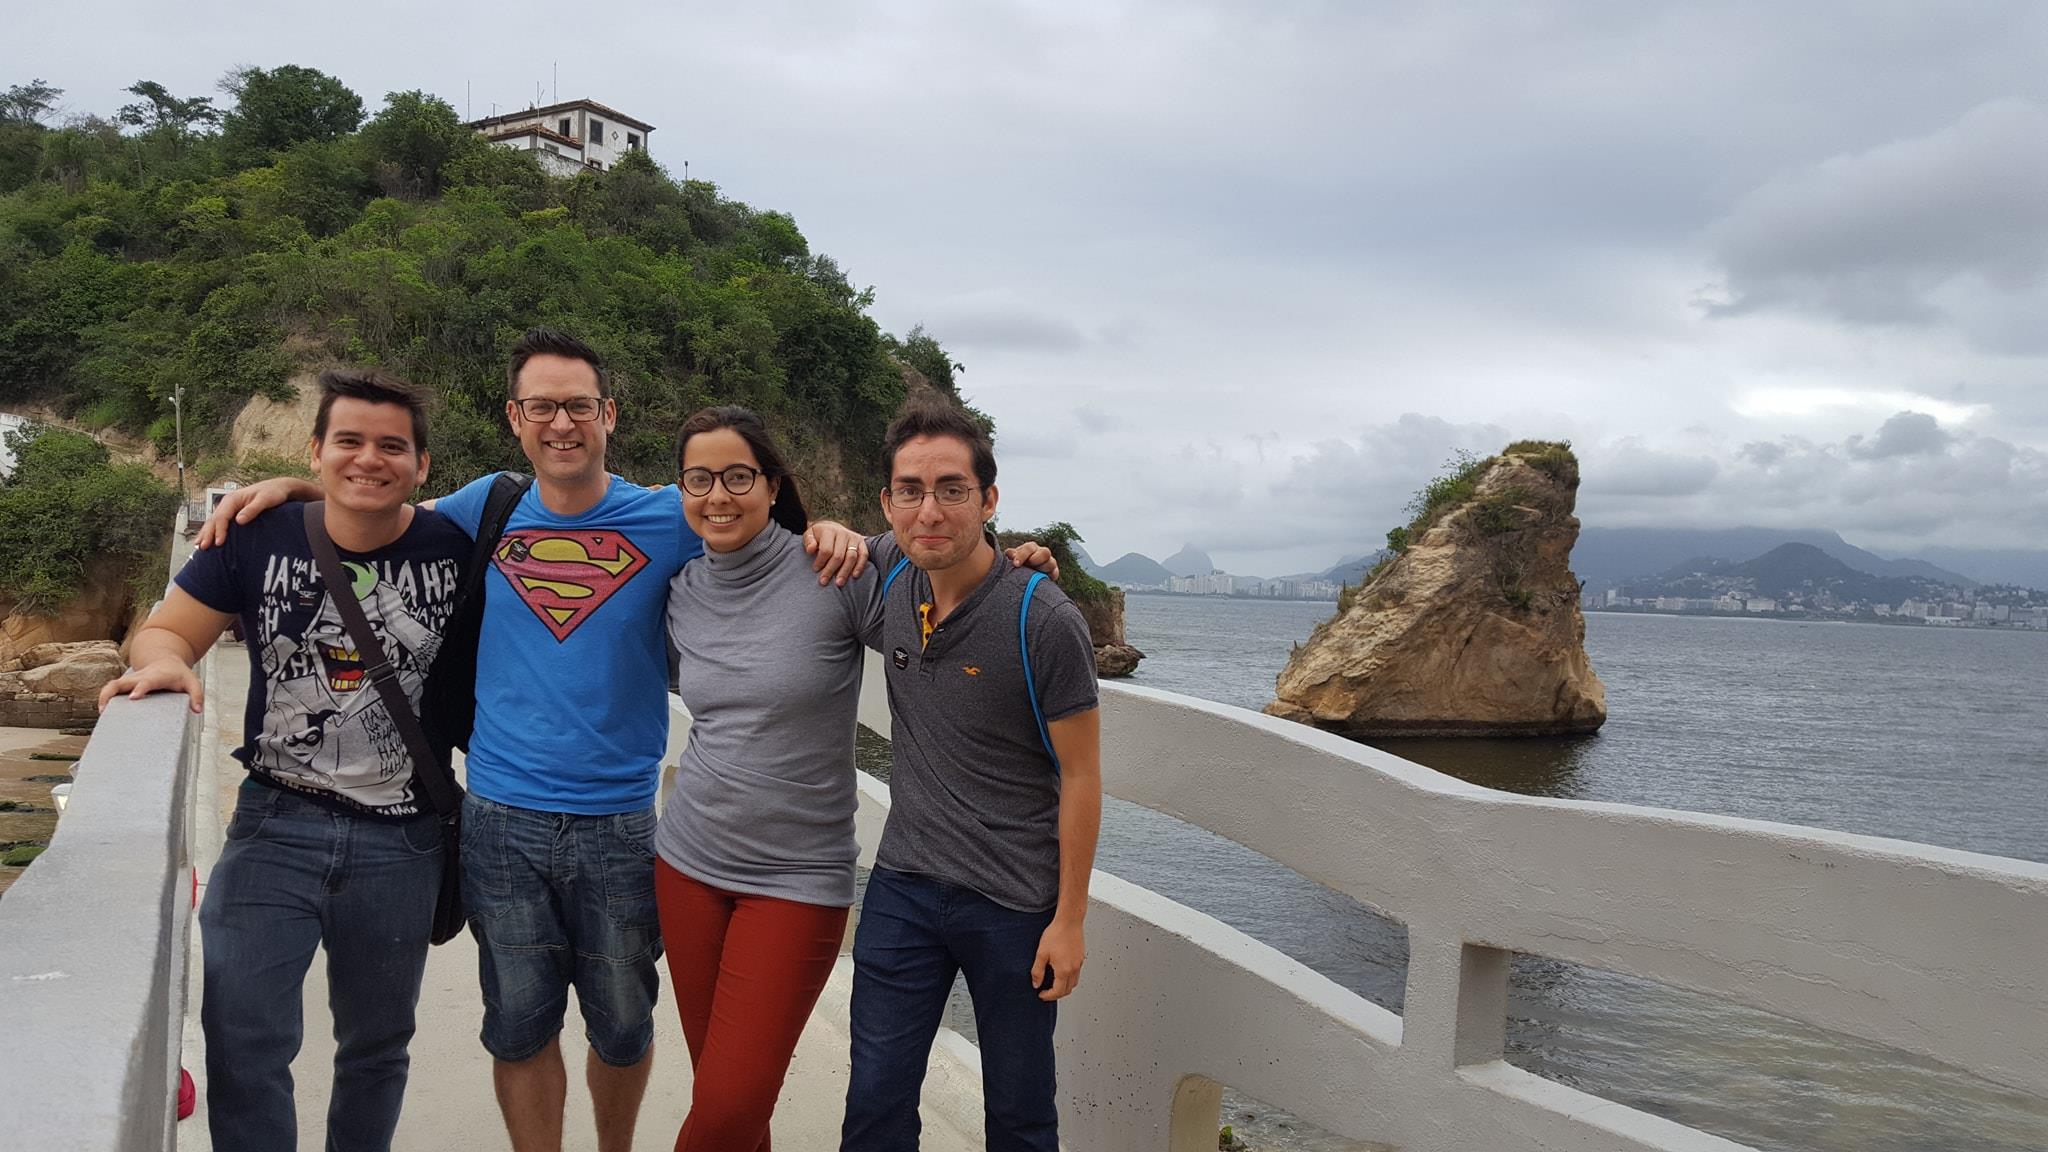 En el puente a la Isla del Buen Viaje, puedes disfrutar de las vistas de Río de Janeiro.